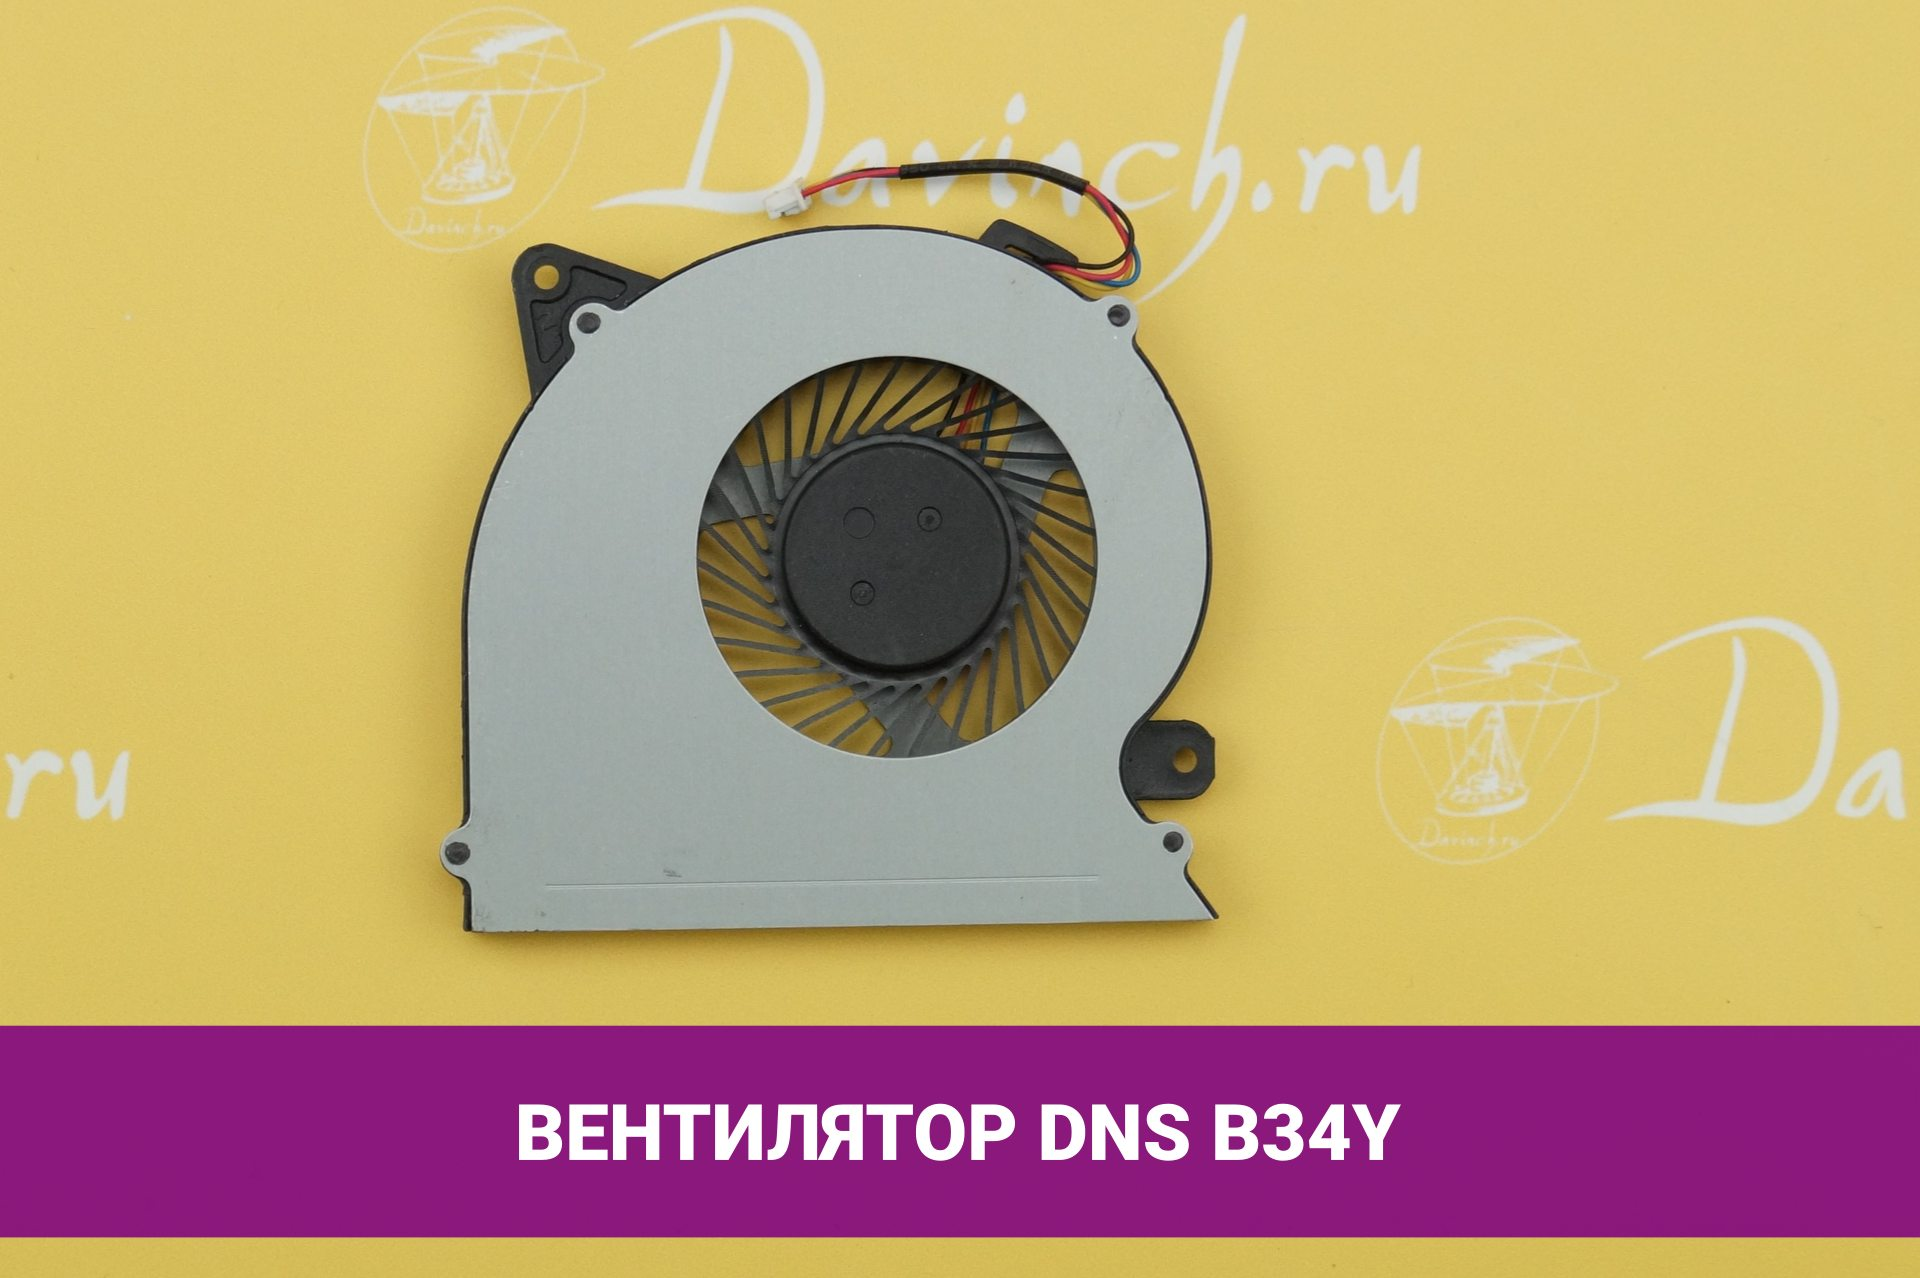 Вентилятор для ноутбука DNS B34Y